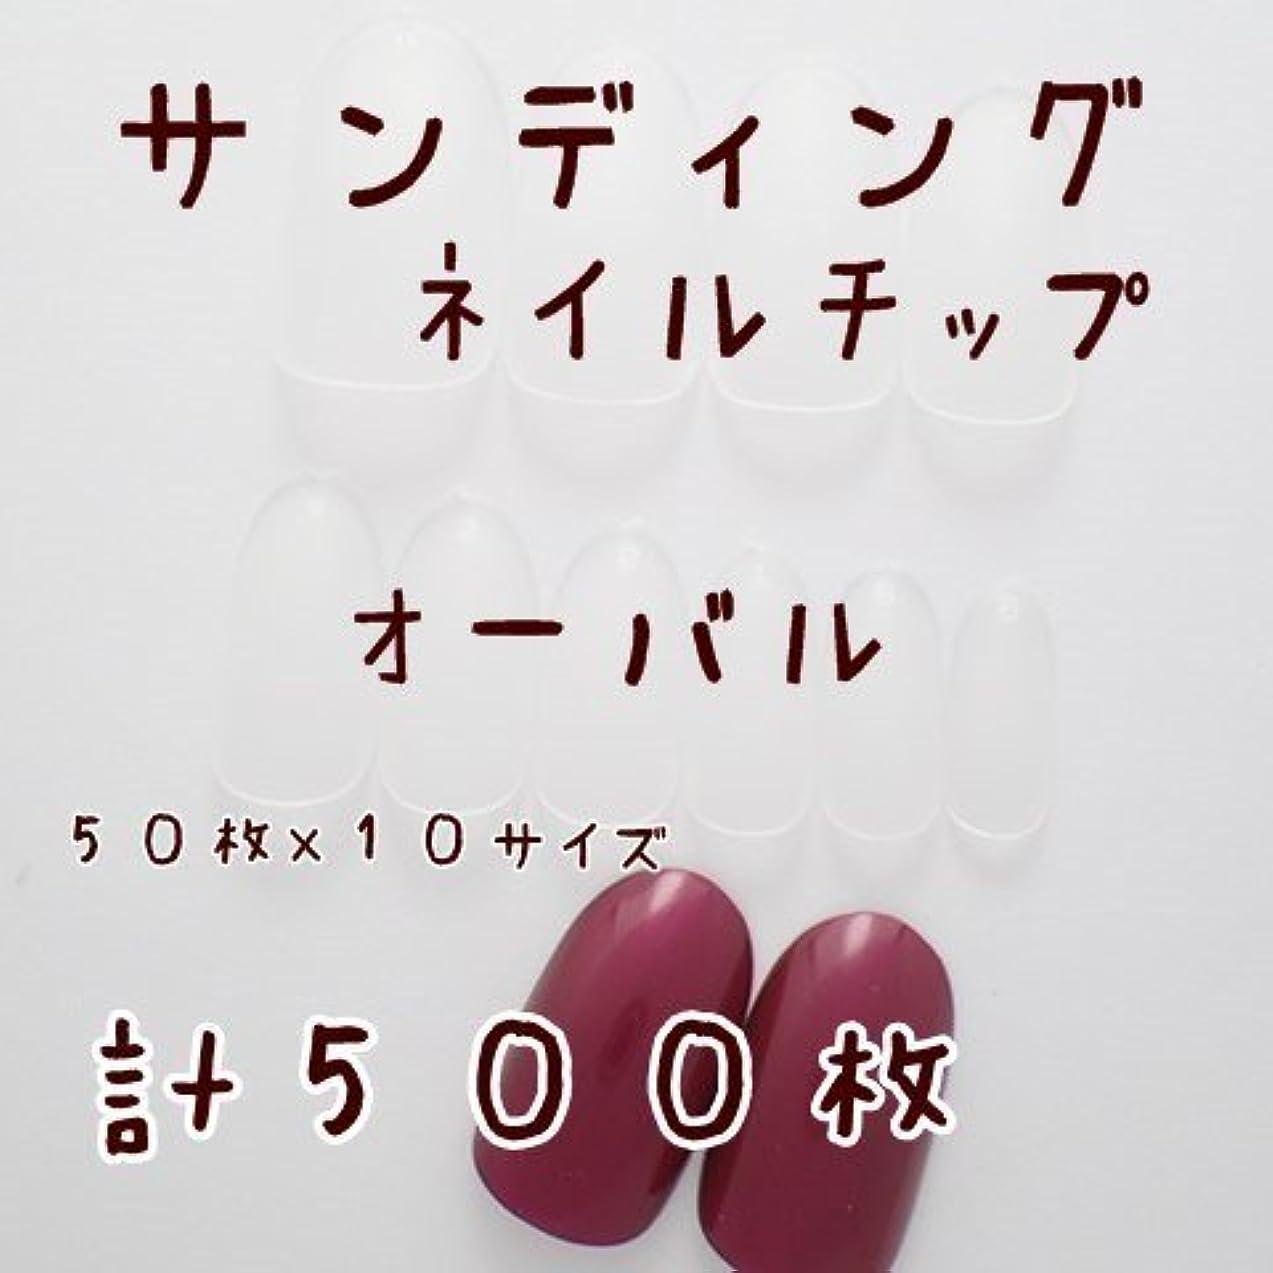 日付勇敢な包帯DINAネイル クリアネイルチップ【サンディング加工済みショートオーバル】50枚×10サイズ計500枚